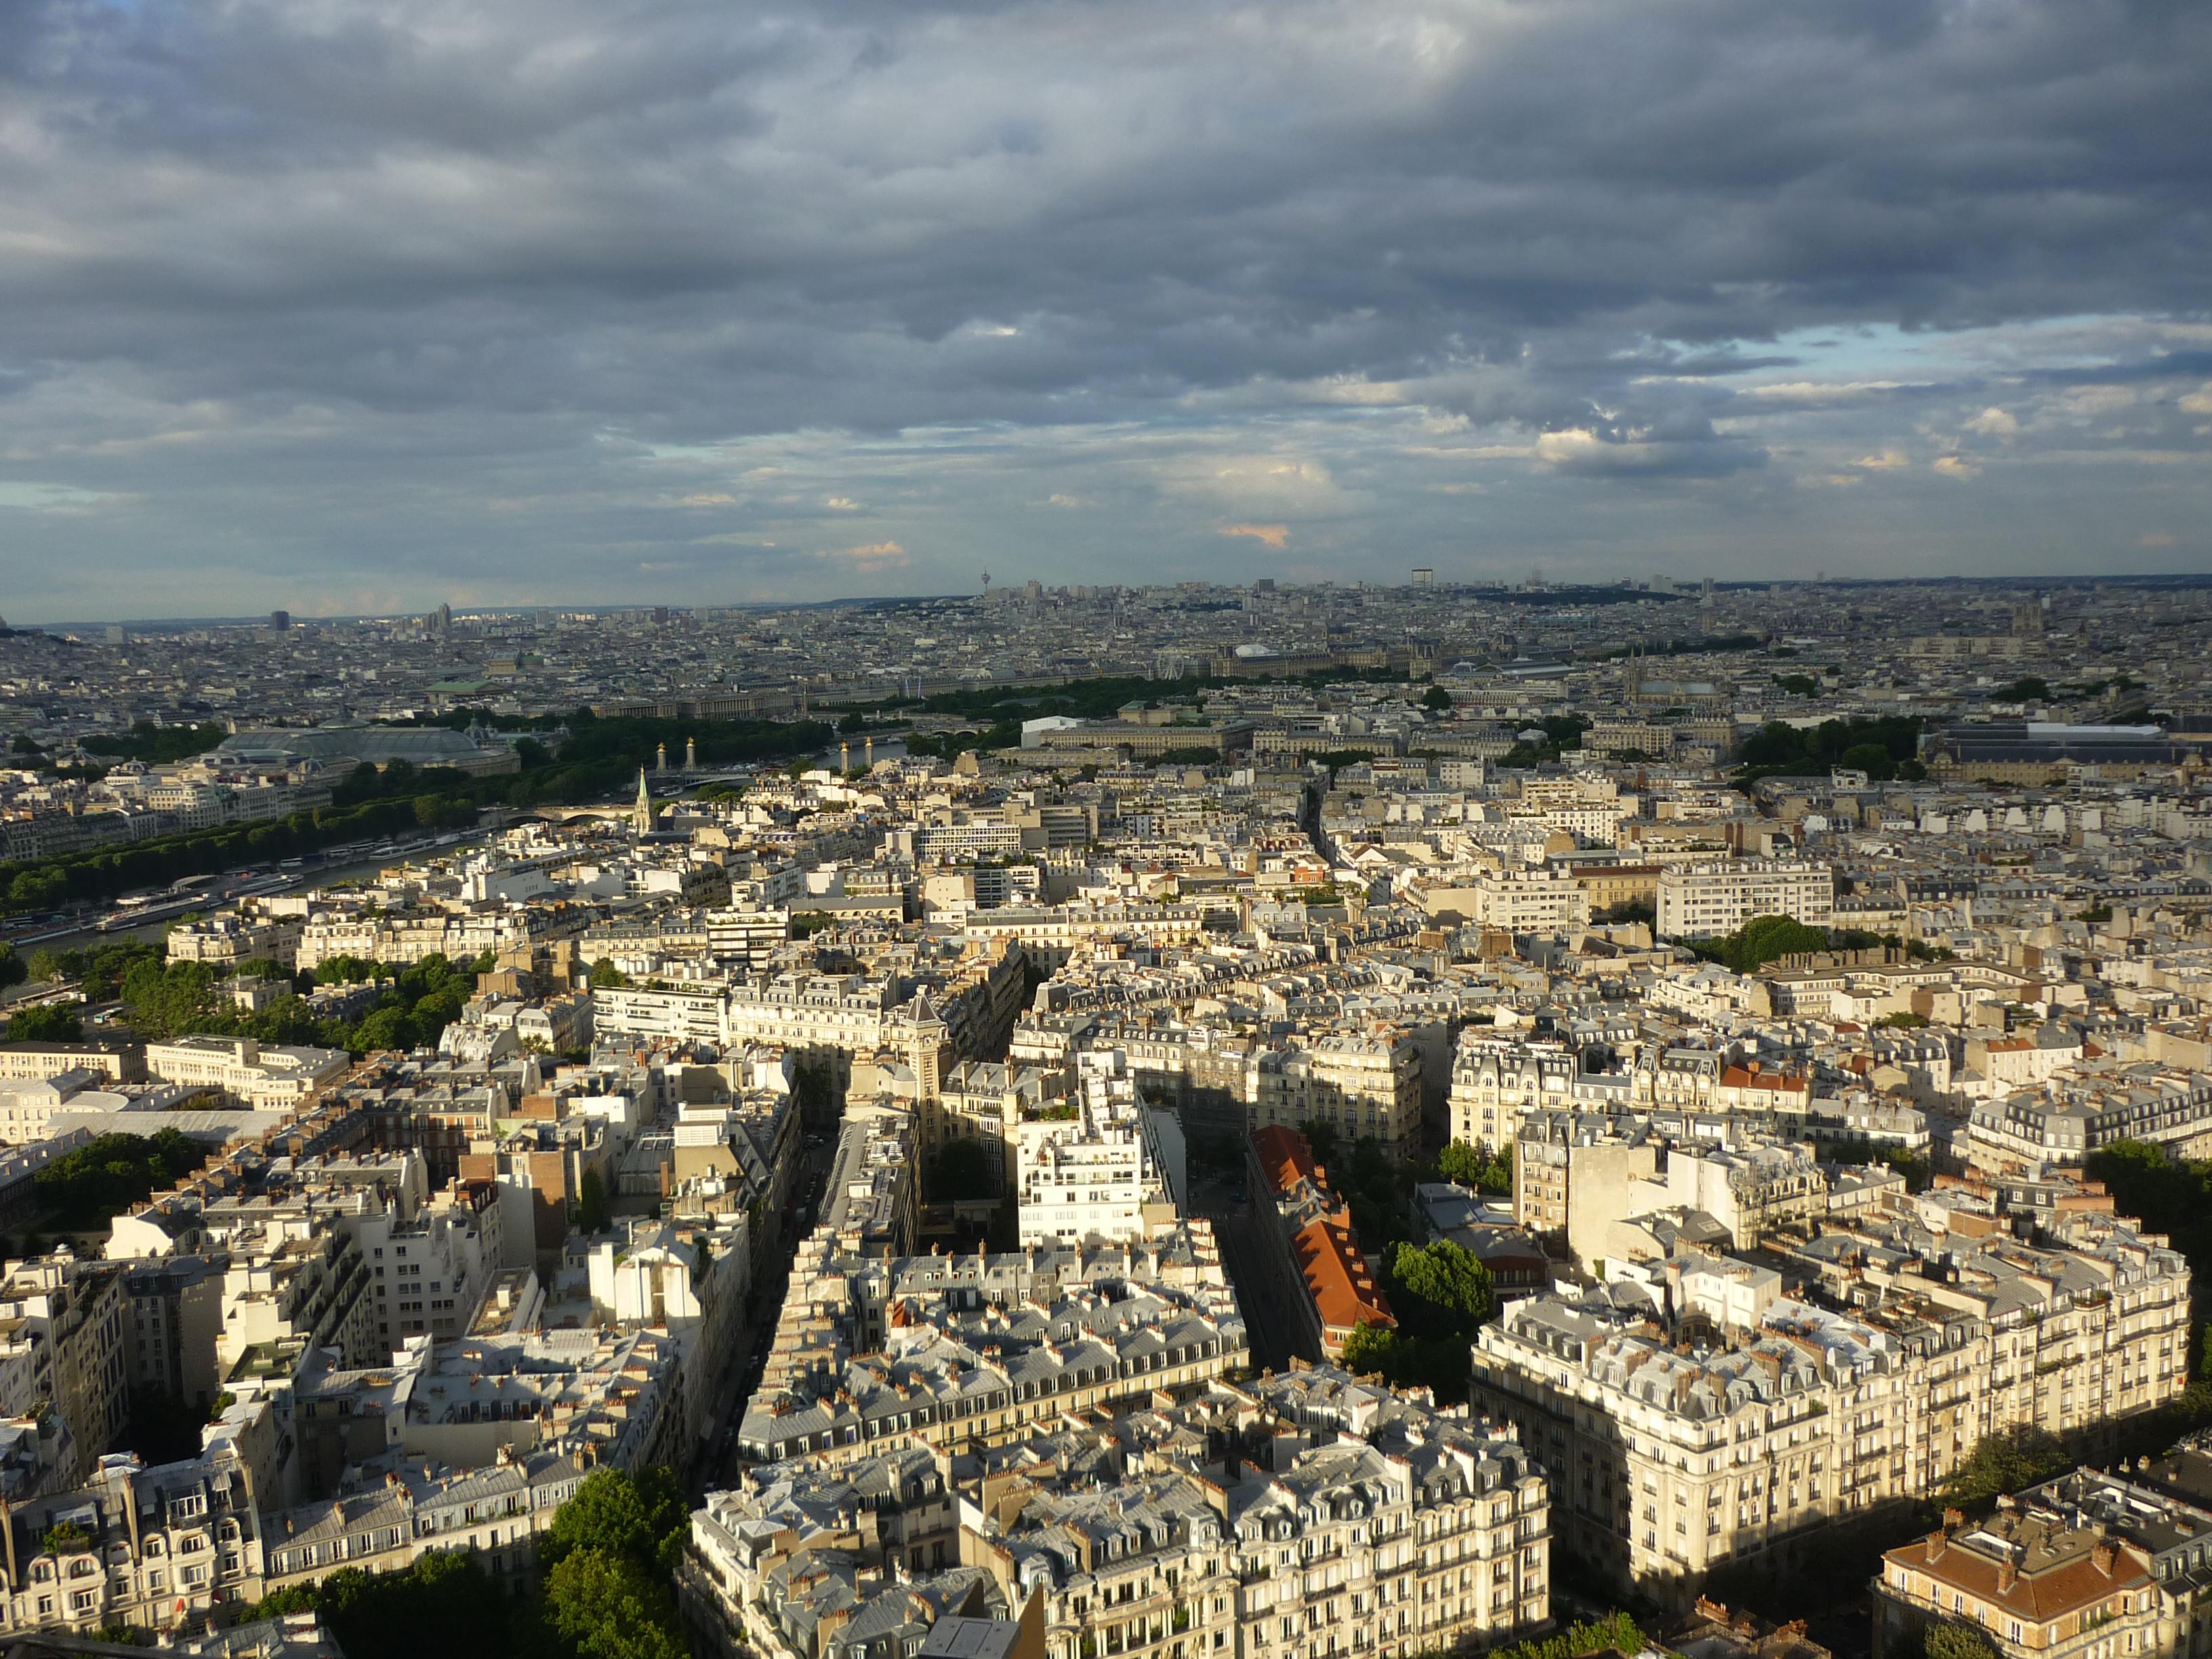 Города Европы. Париж.(Paris)